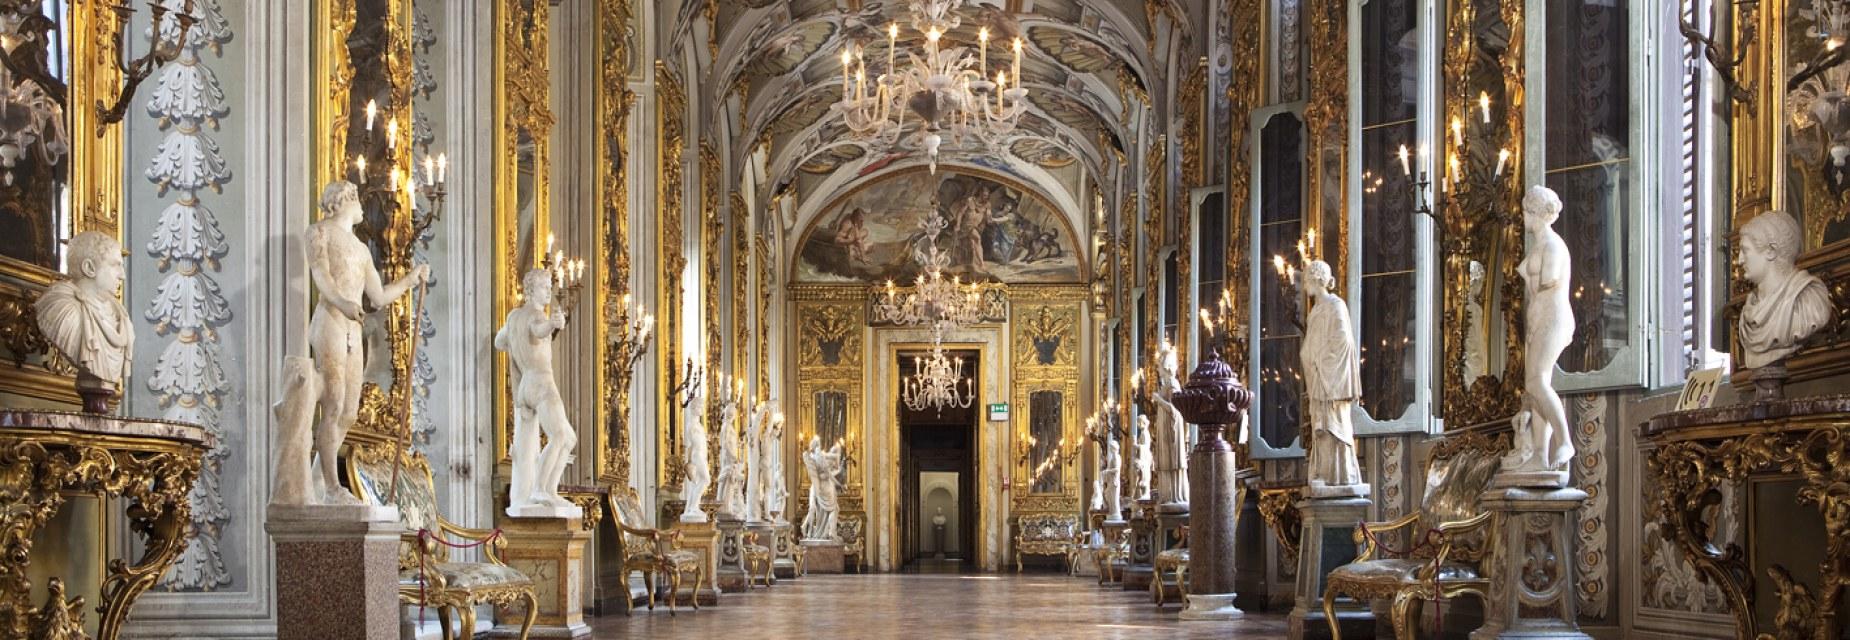 Галерия Дория Панфилии - Екскурзия в Рим -